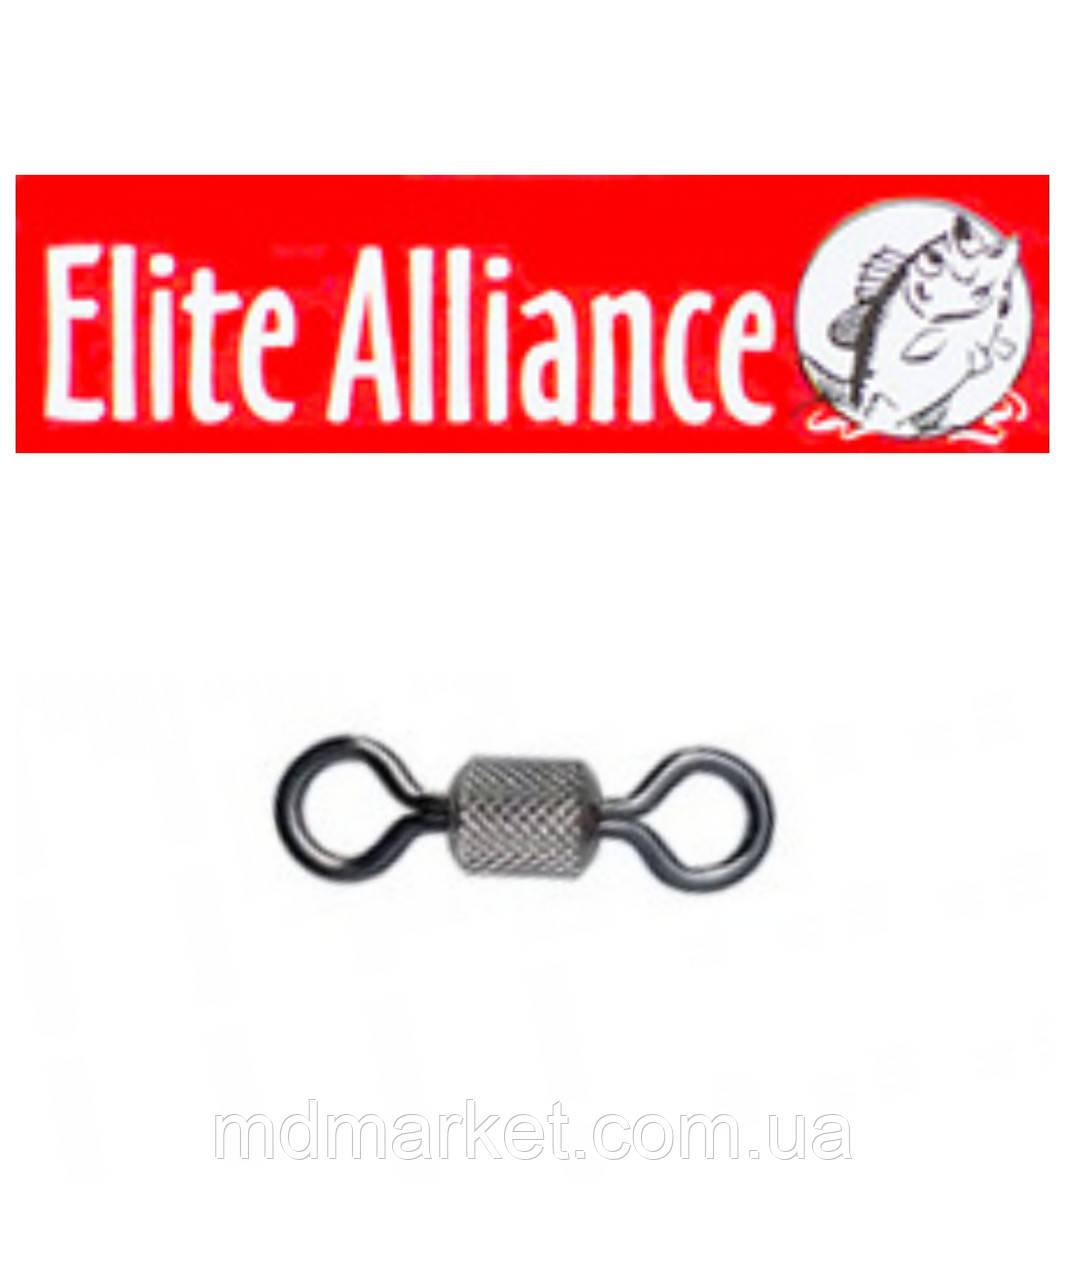 Вертлюг Elite Alliance №12; 10; 8; 7; 6; 5; 4